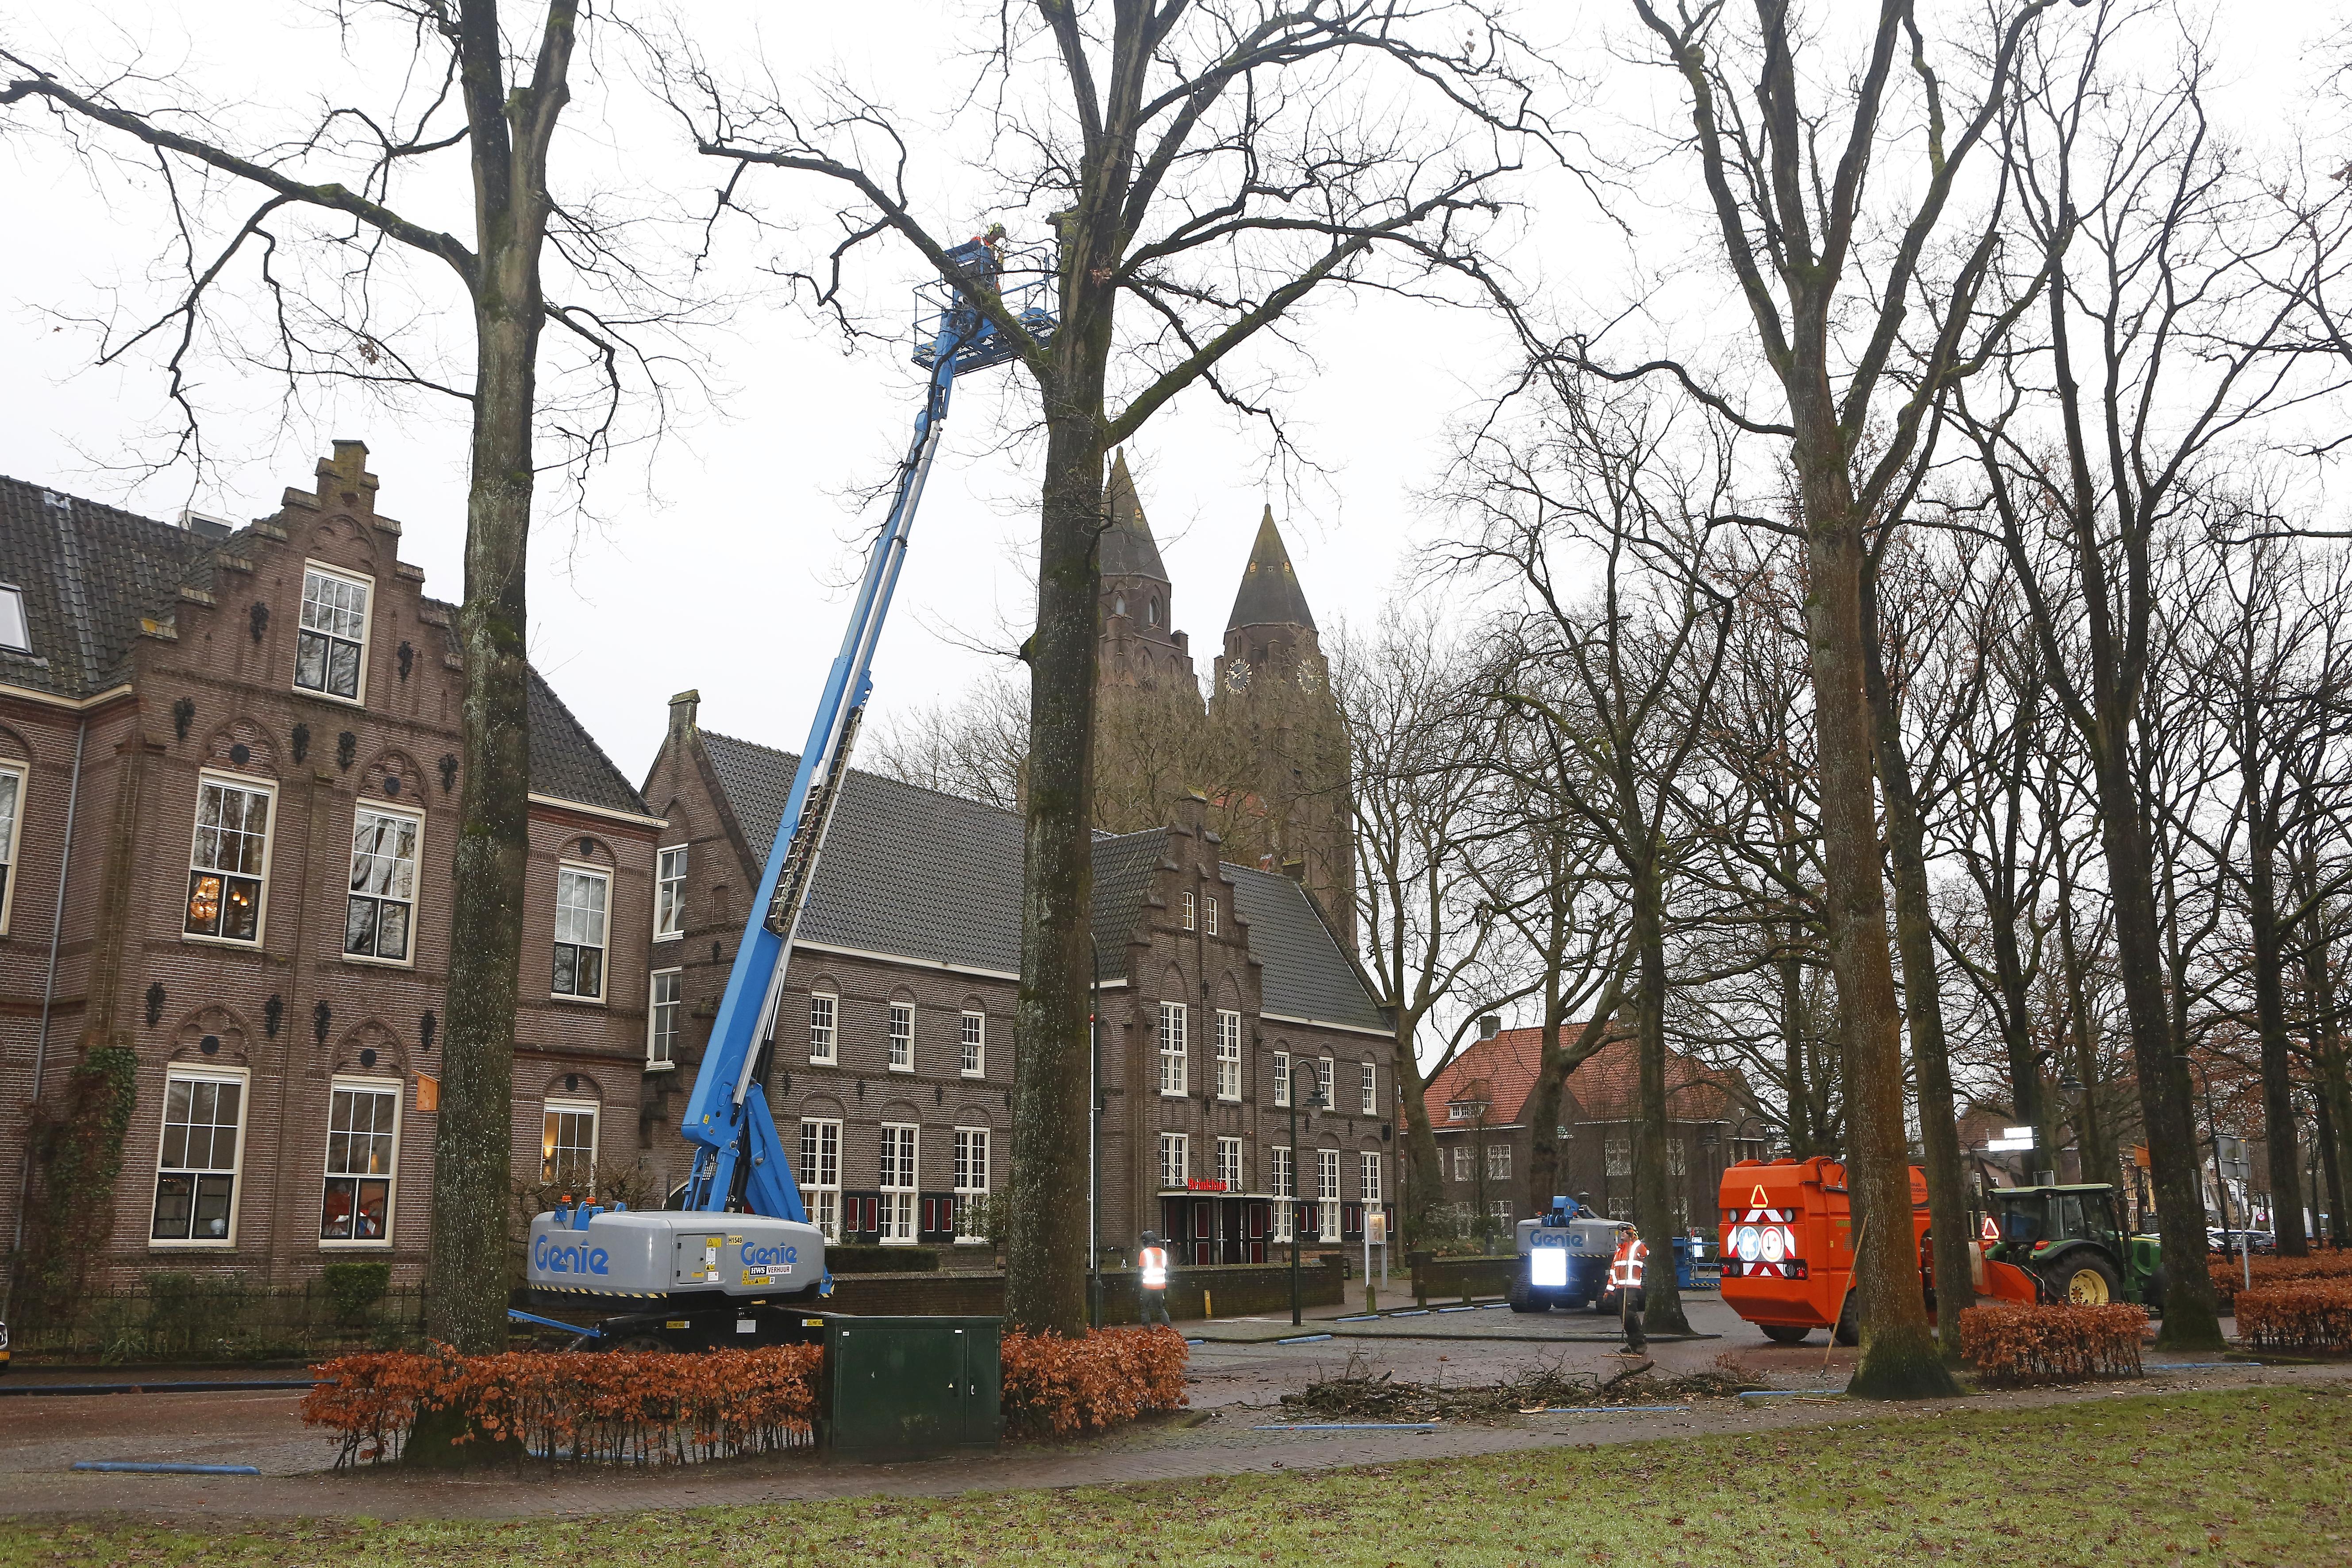 Snerpend zaaggeluid op de Brink in Laren: snoeiwerk is begonnen